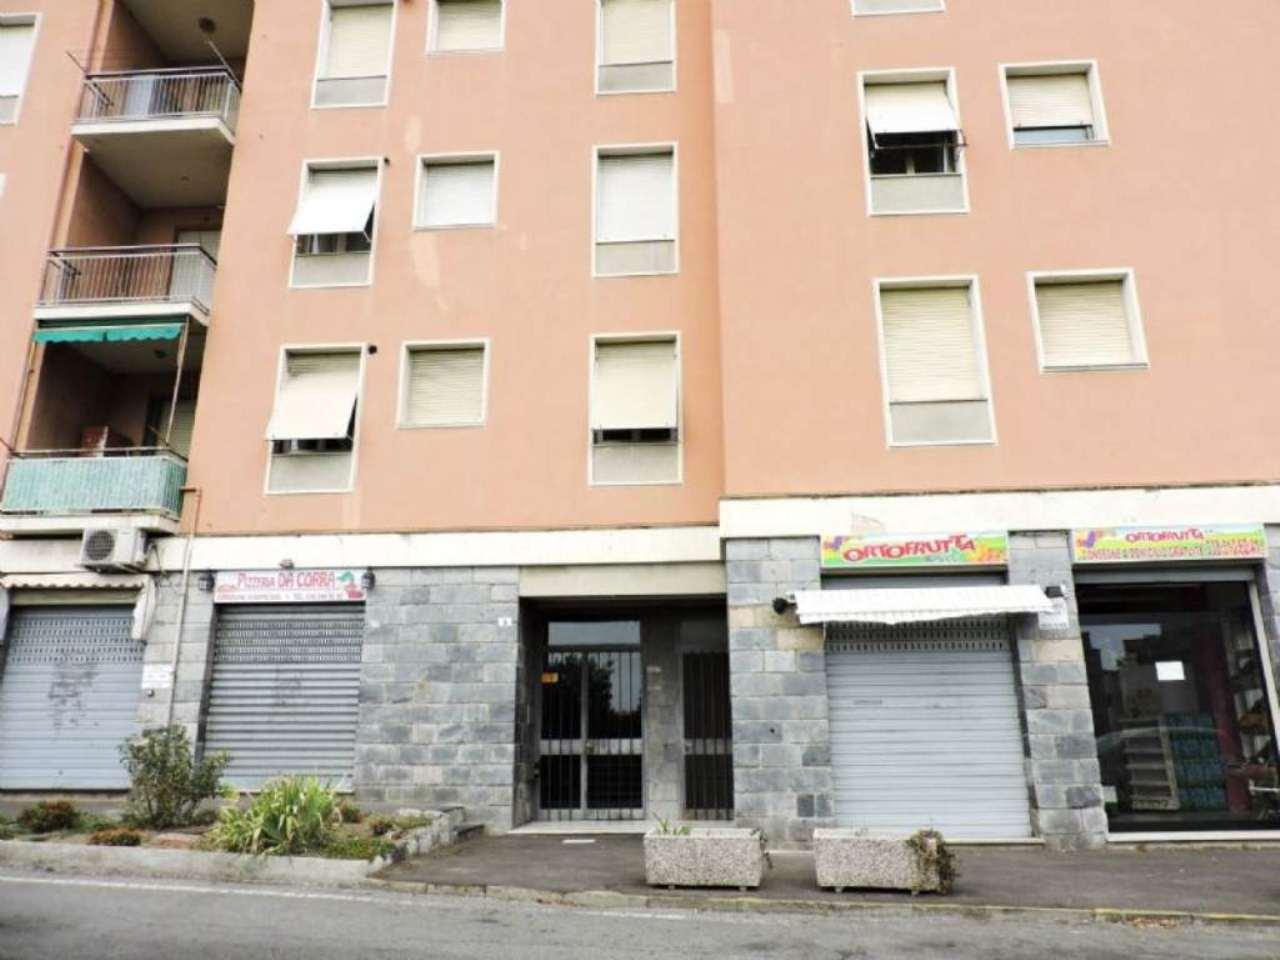 Appartamento in affitto a Genova, 2 locali, zona Zona: 8 . Sampierdarena, Certosa-Rivarolo, Centro Ovest, S.Teodoro, prezzo € 500   Cambio Casa.it